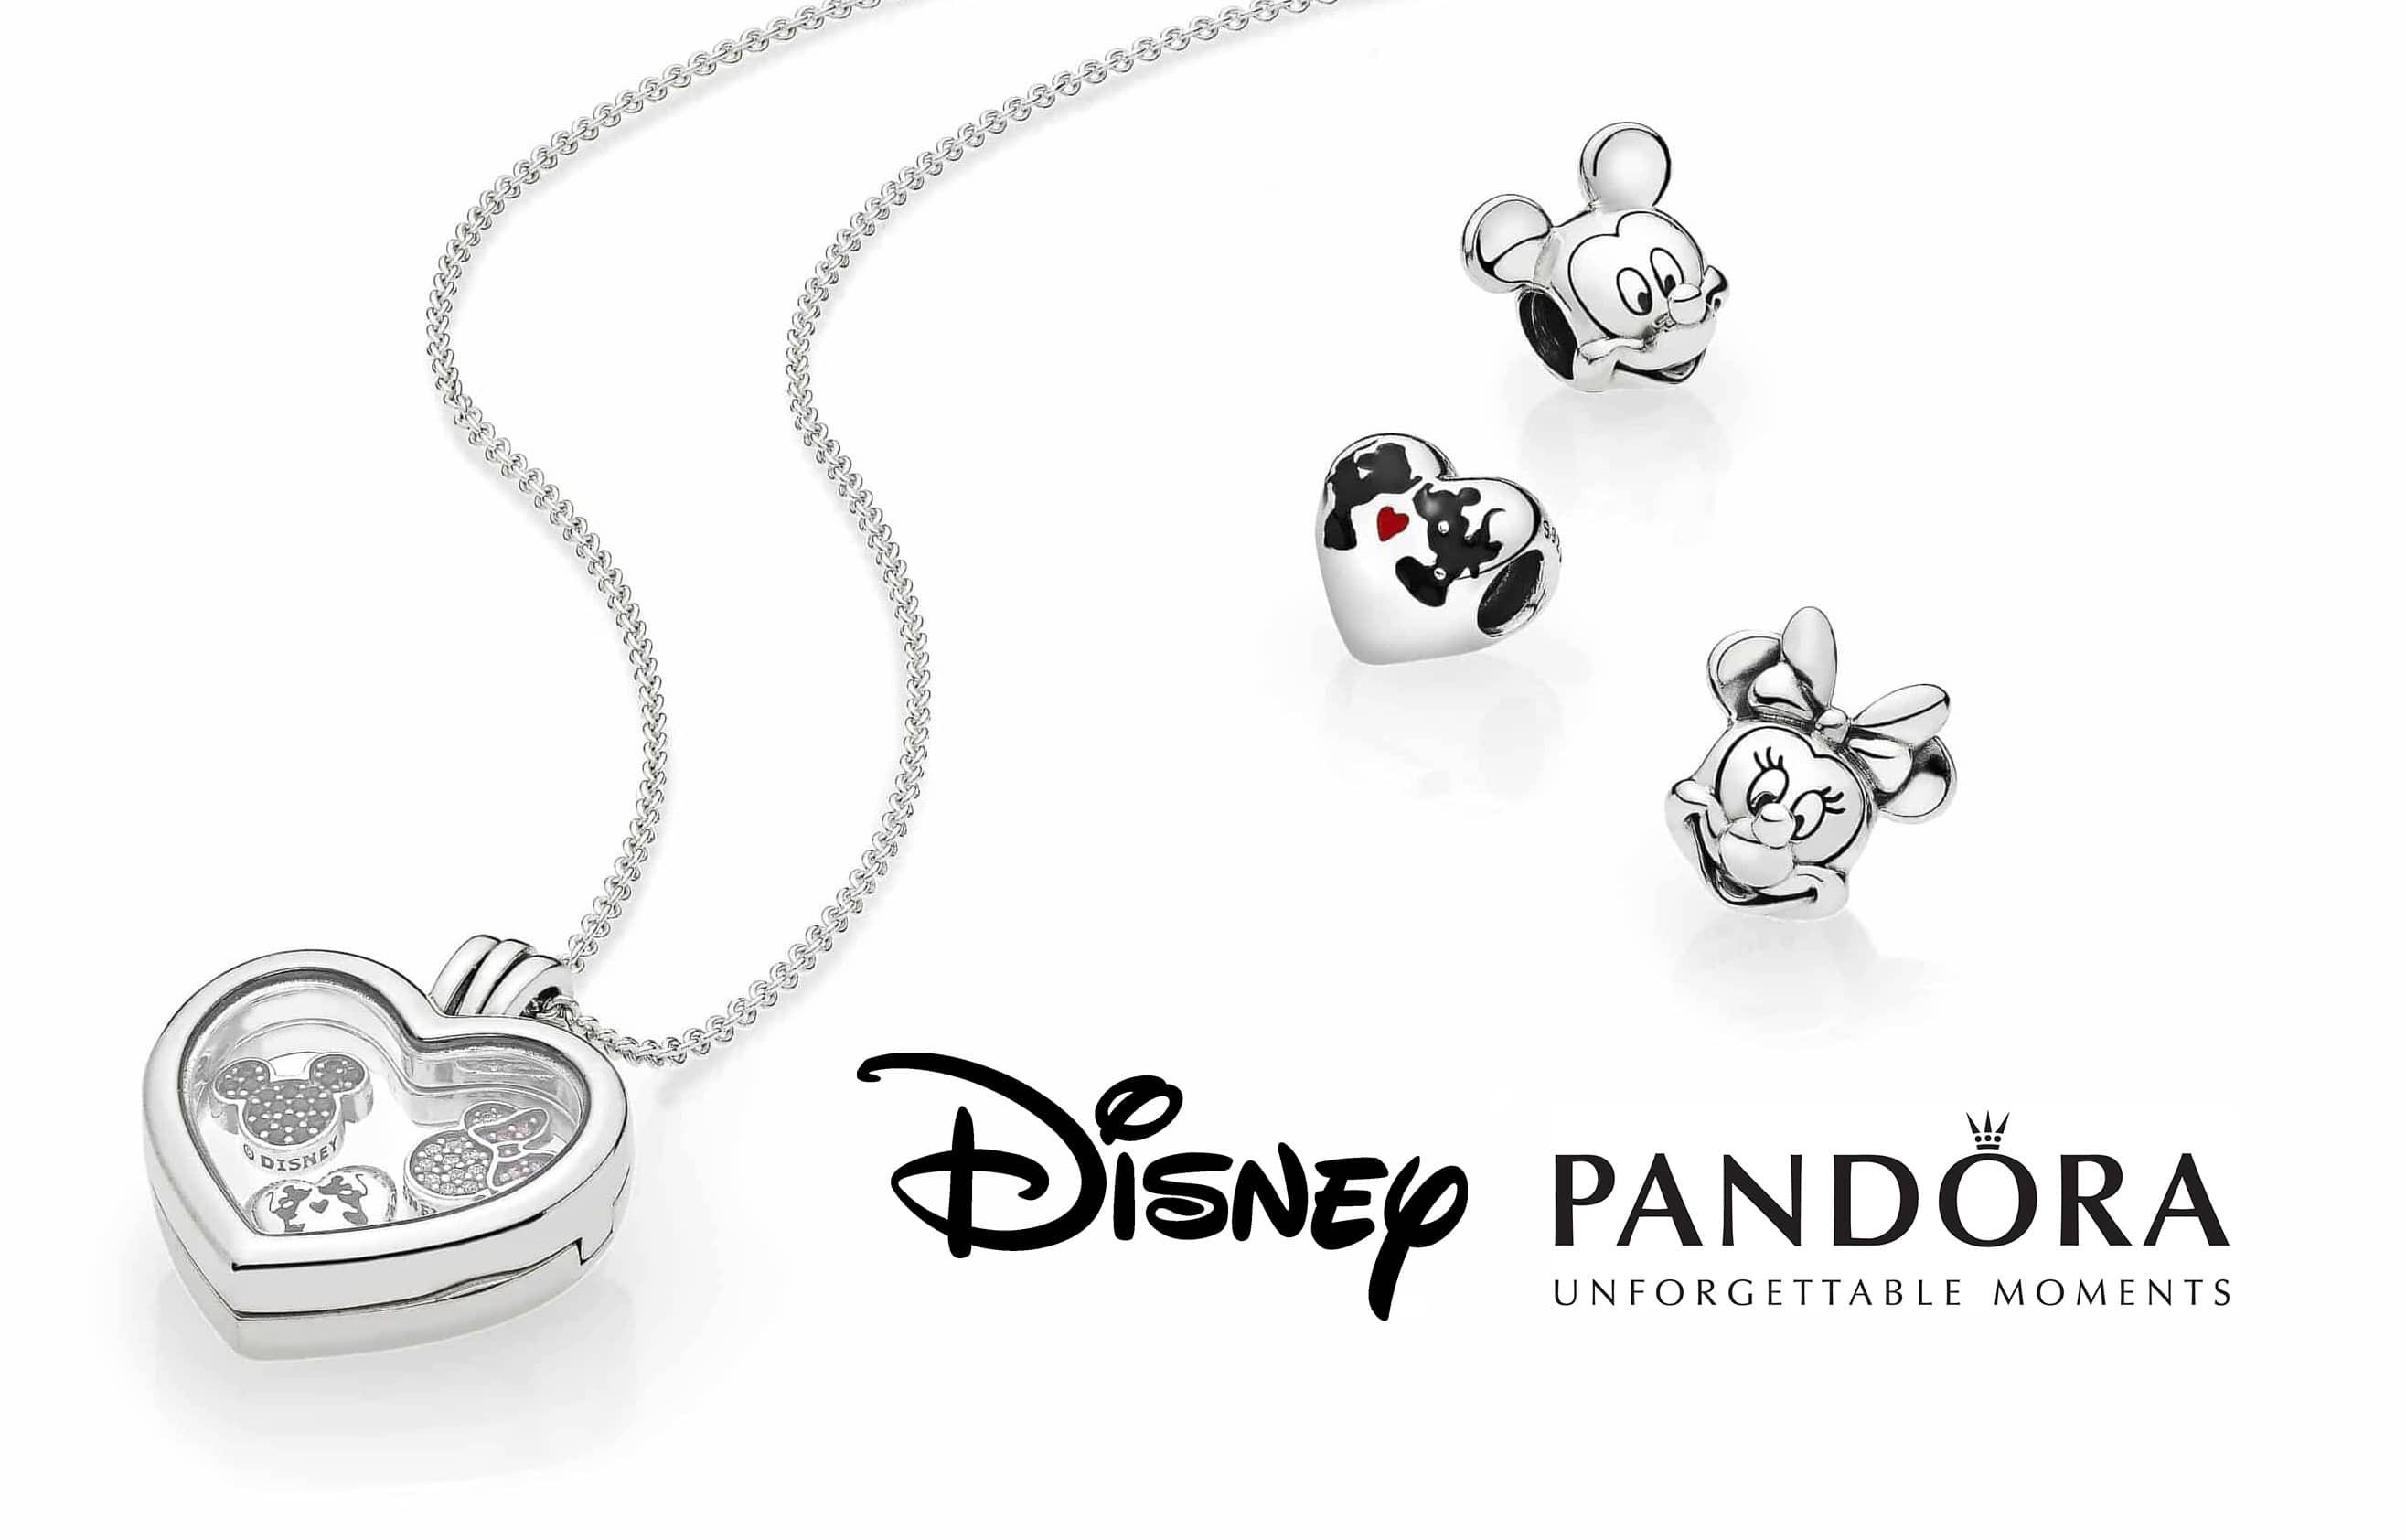 molto carino 65a51 5e5d6 Disney per Pandora: la nuova collezione Autunno 2017 | About ...